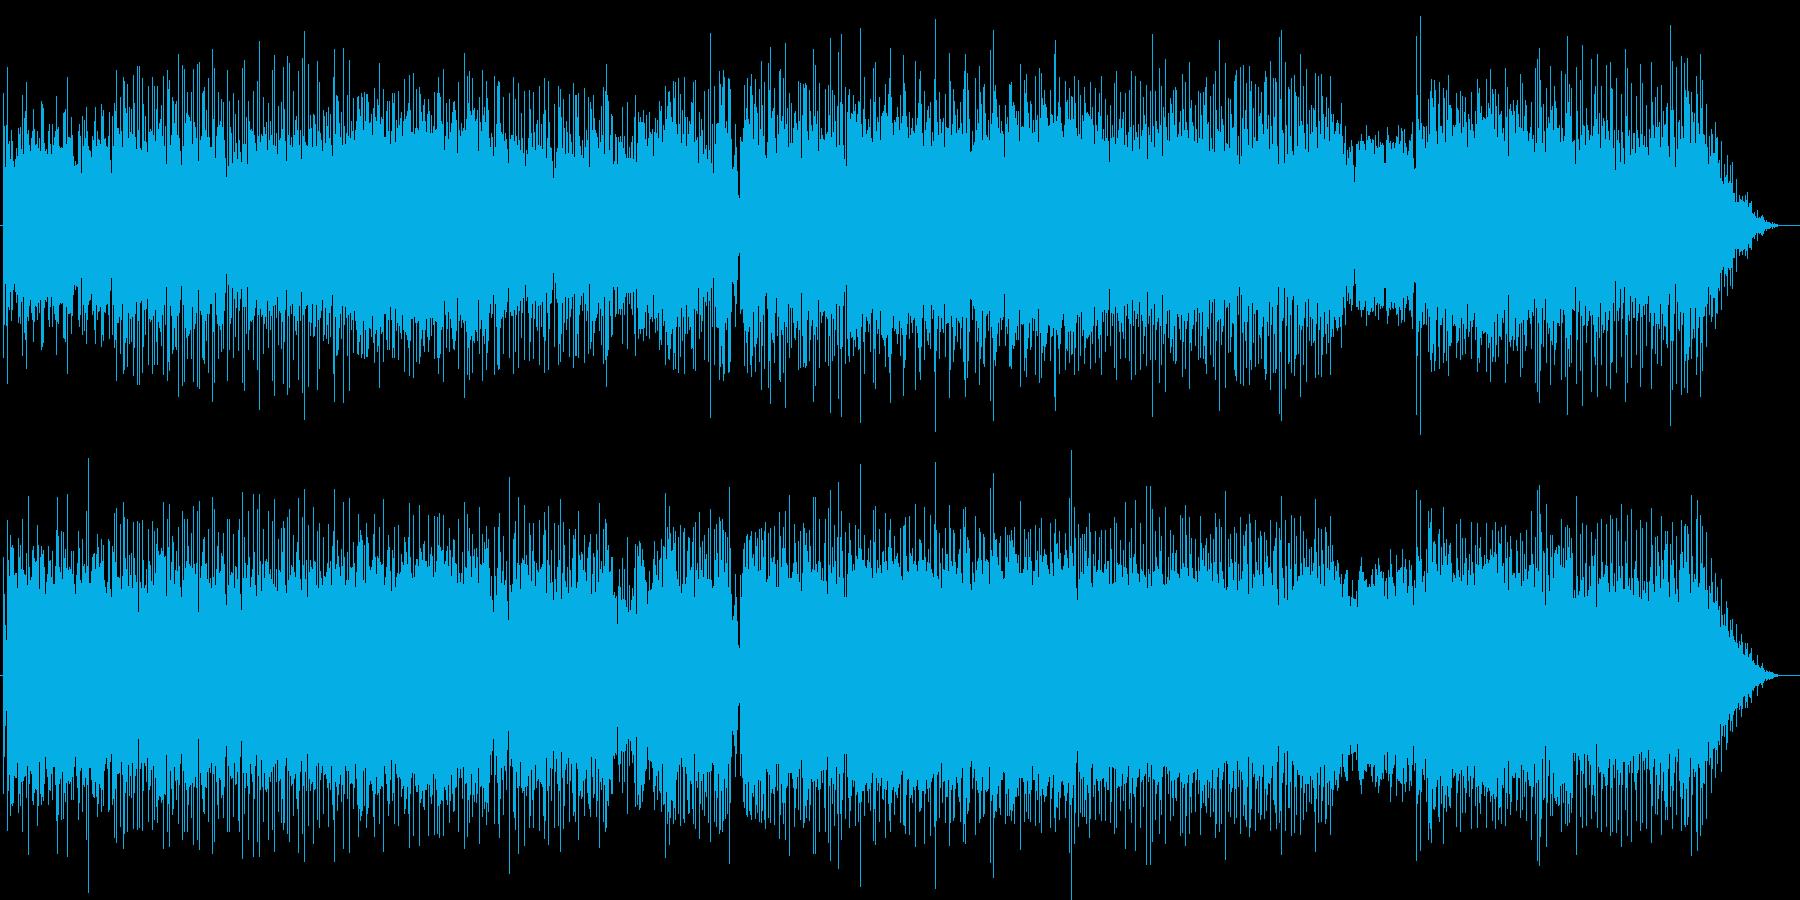 サーファー達の恋の歌の再生済みの波形